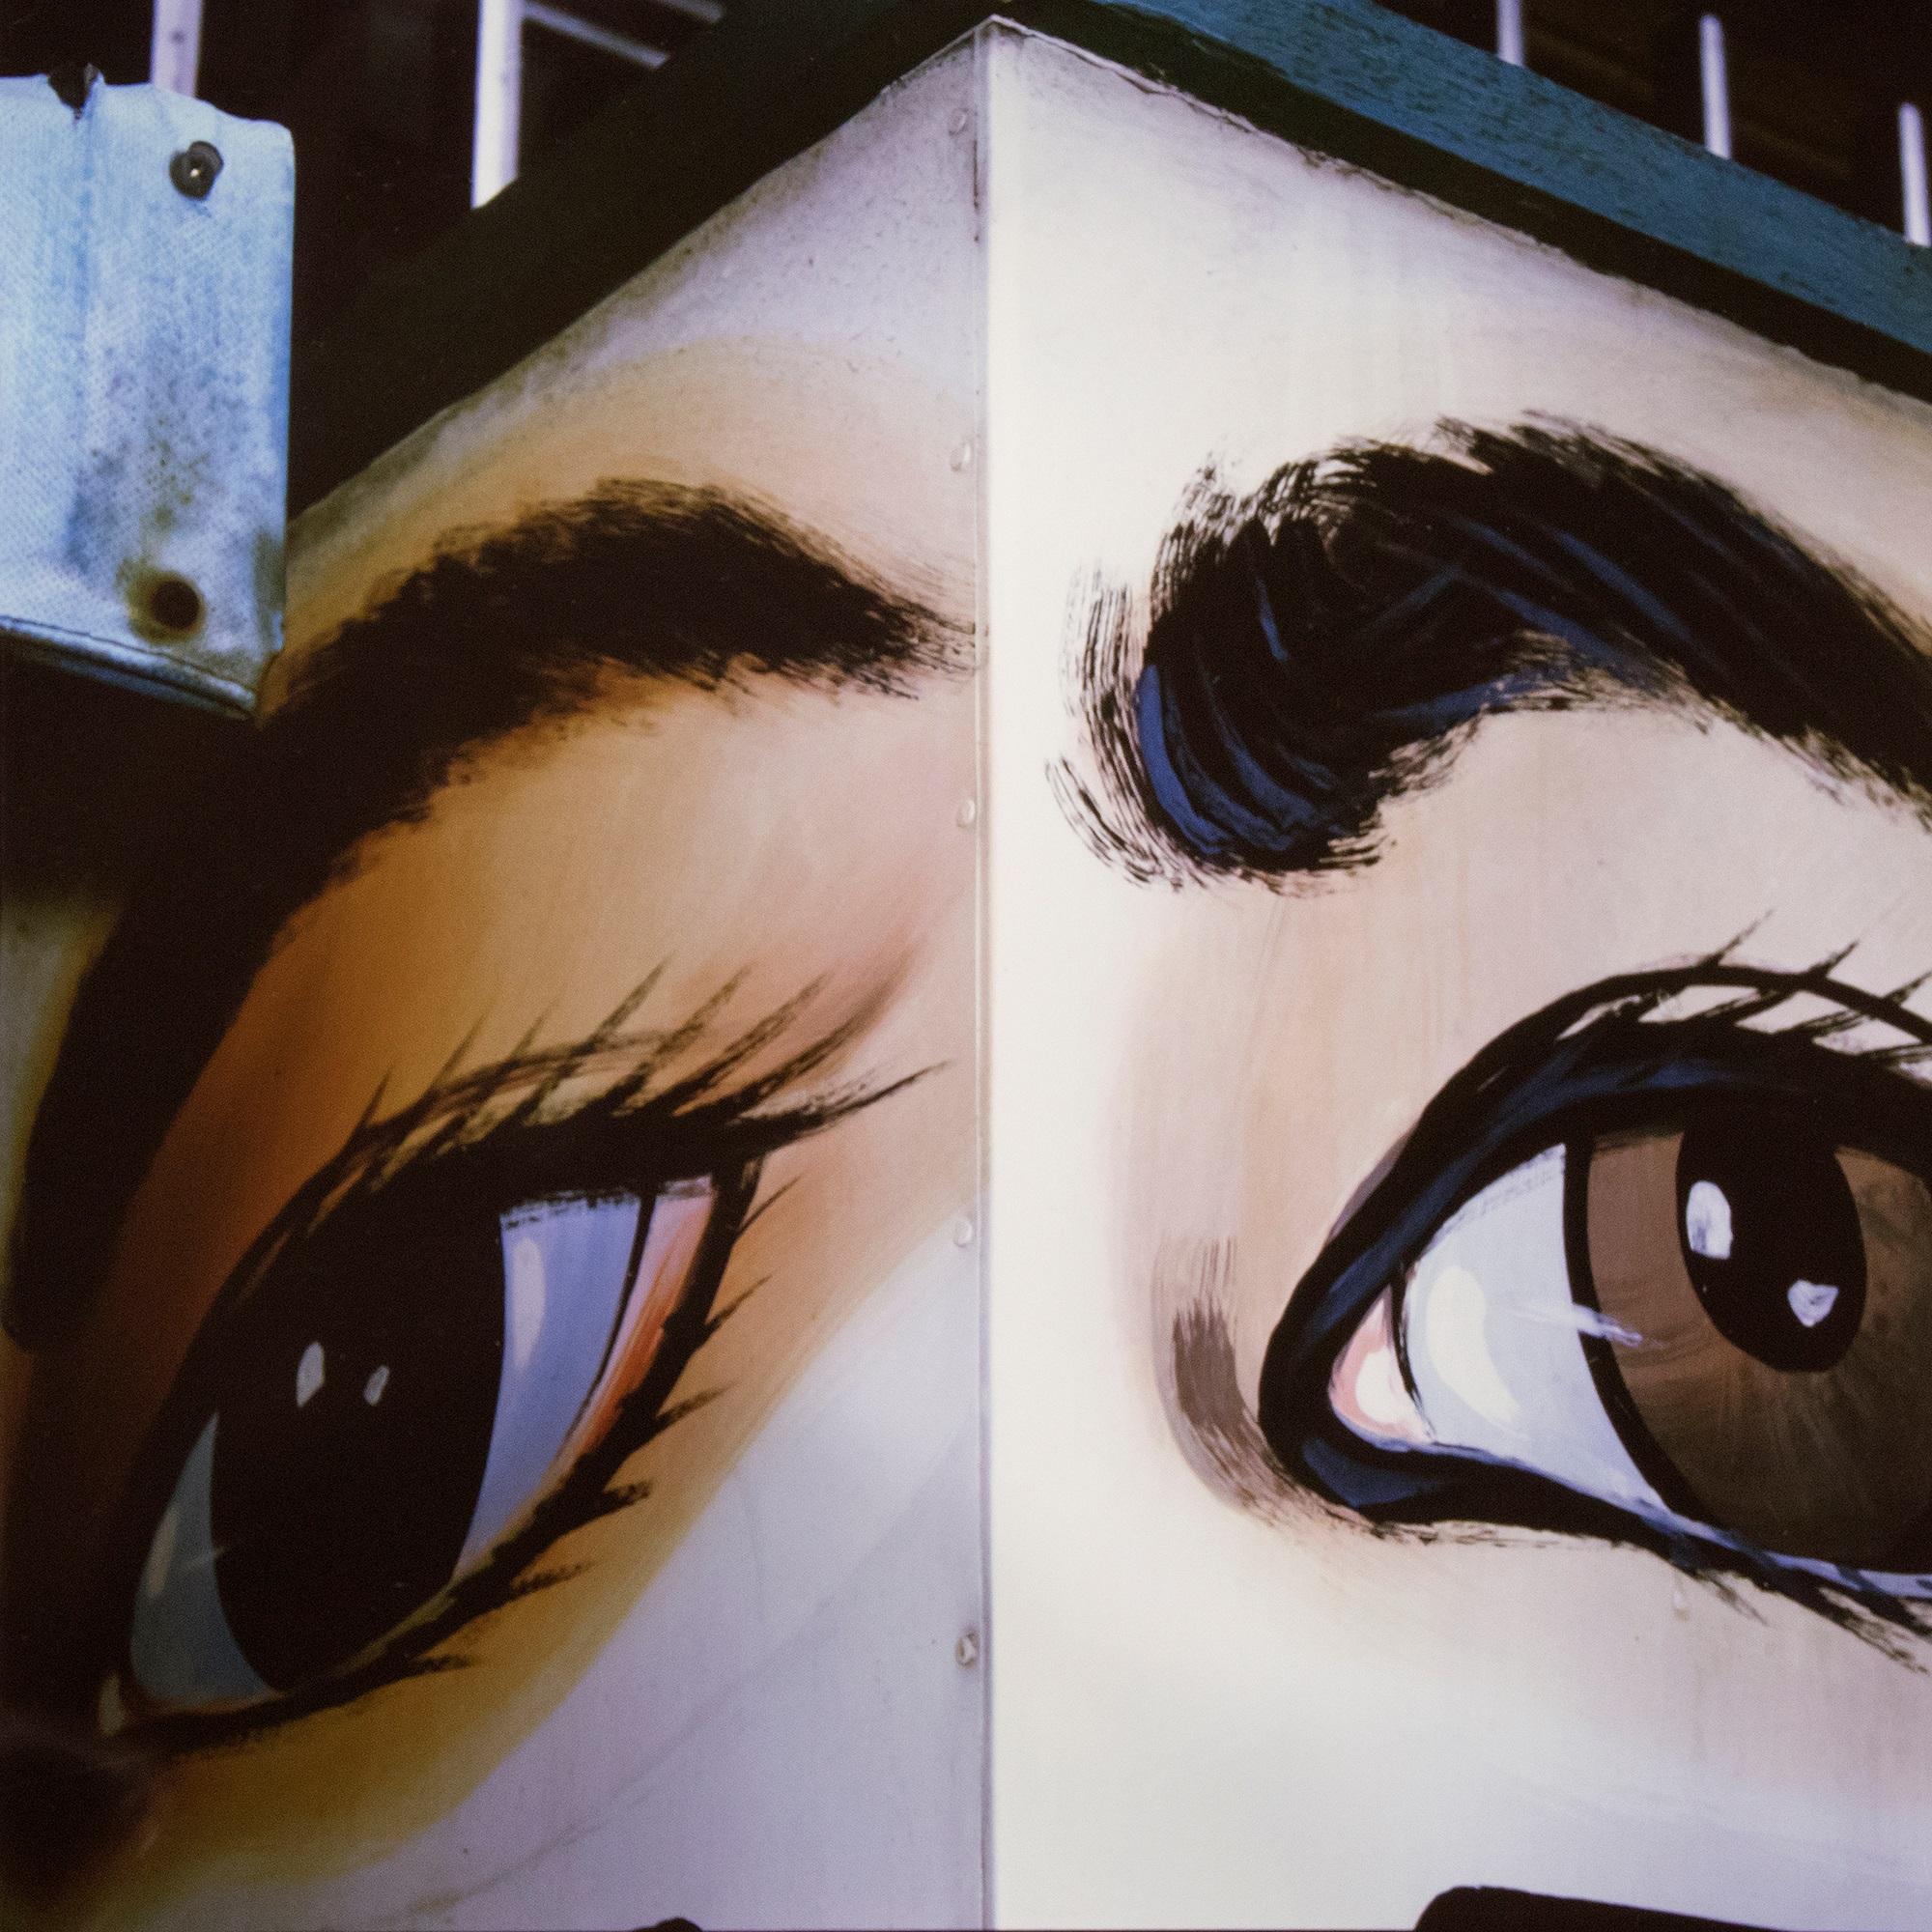 須田一政写真展『日常の断片』